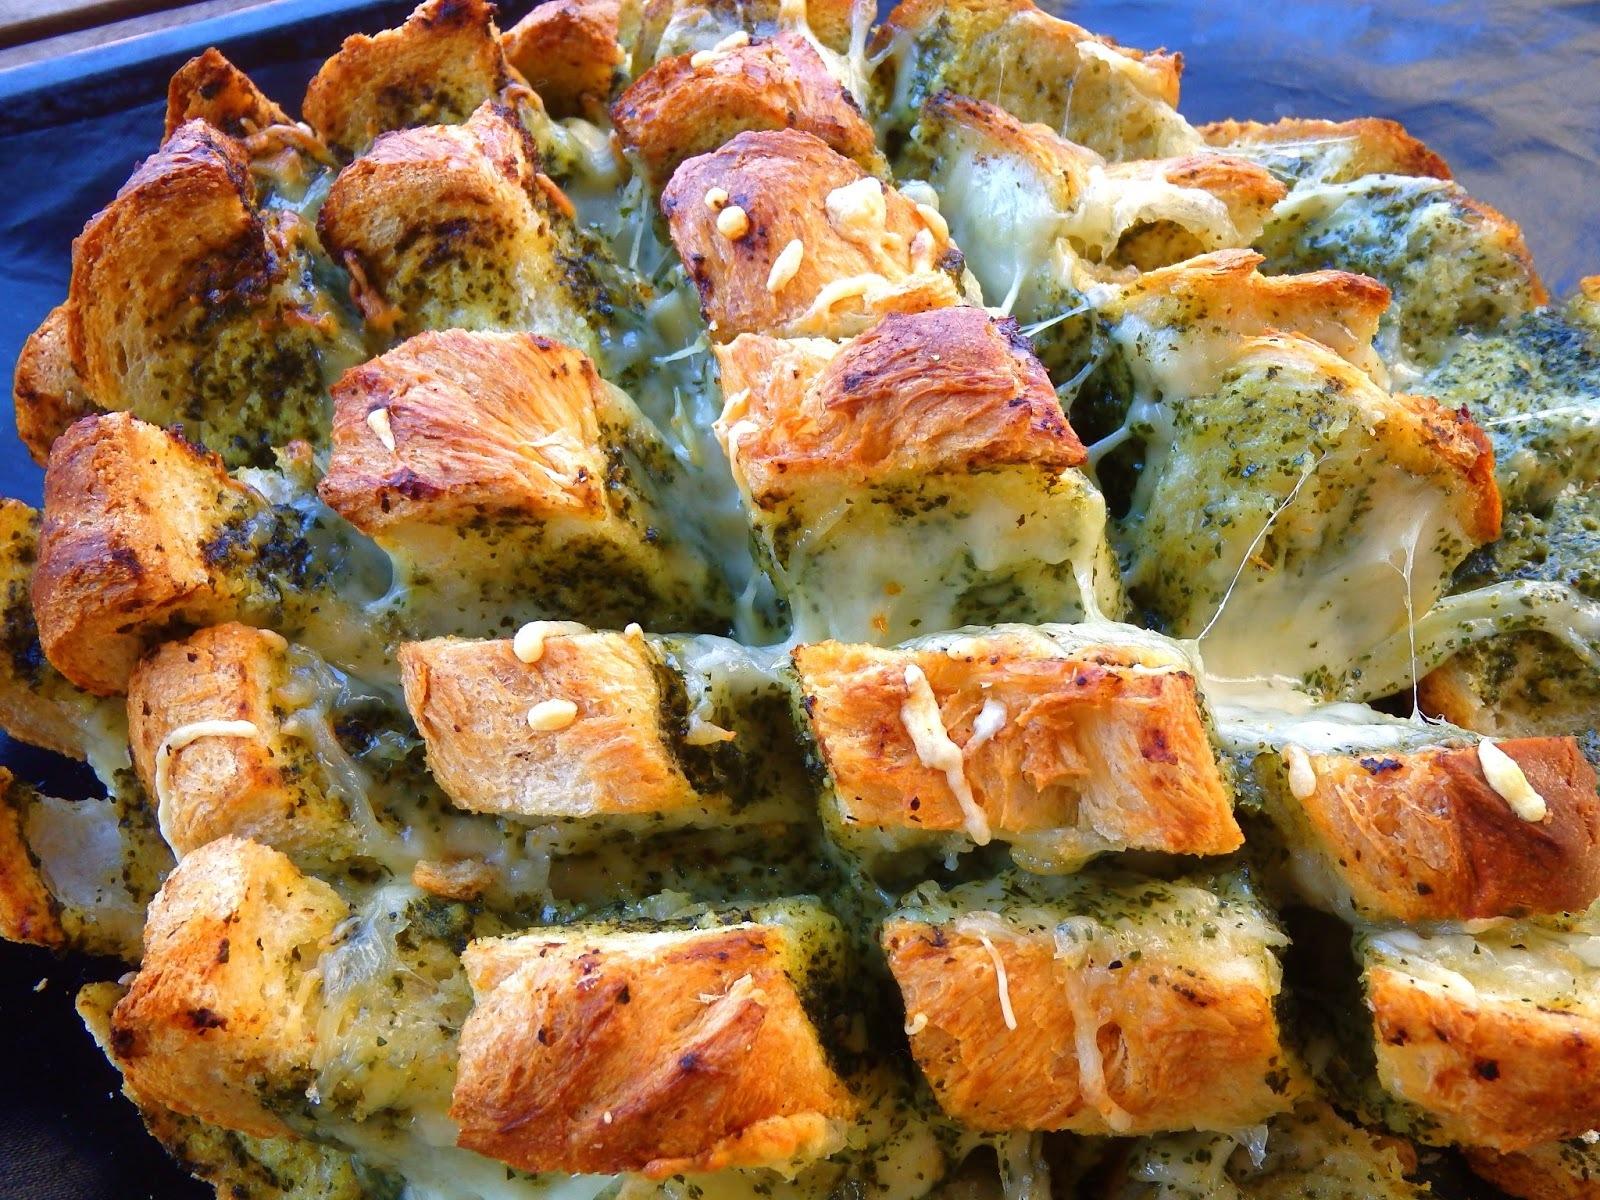 Pa de pagès gratinat amb pesto i mozzarella - Hogaza gratinada con pesto y mozzarella